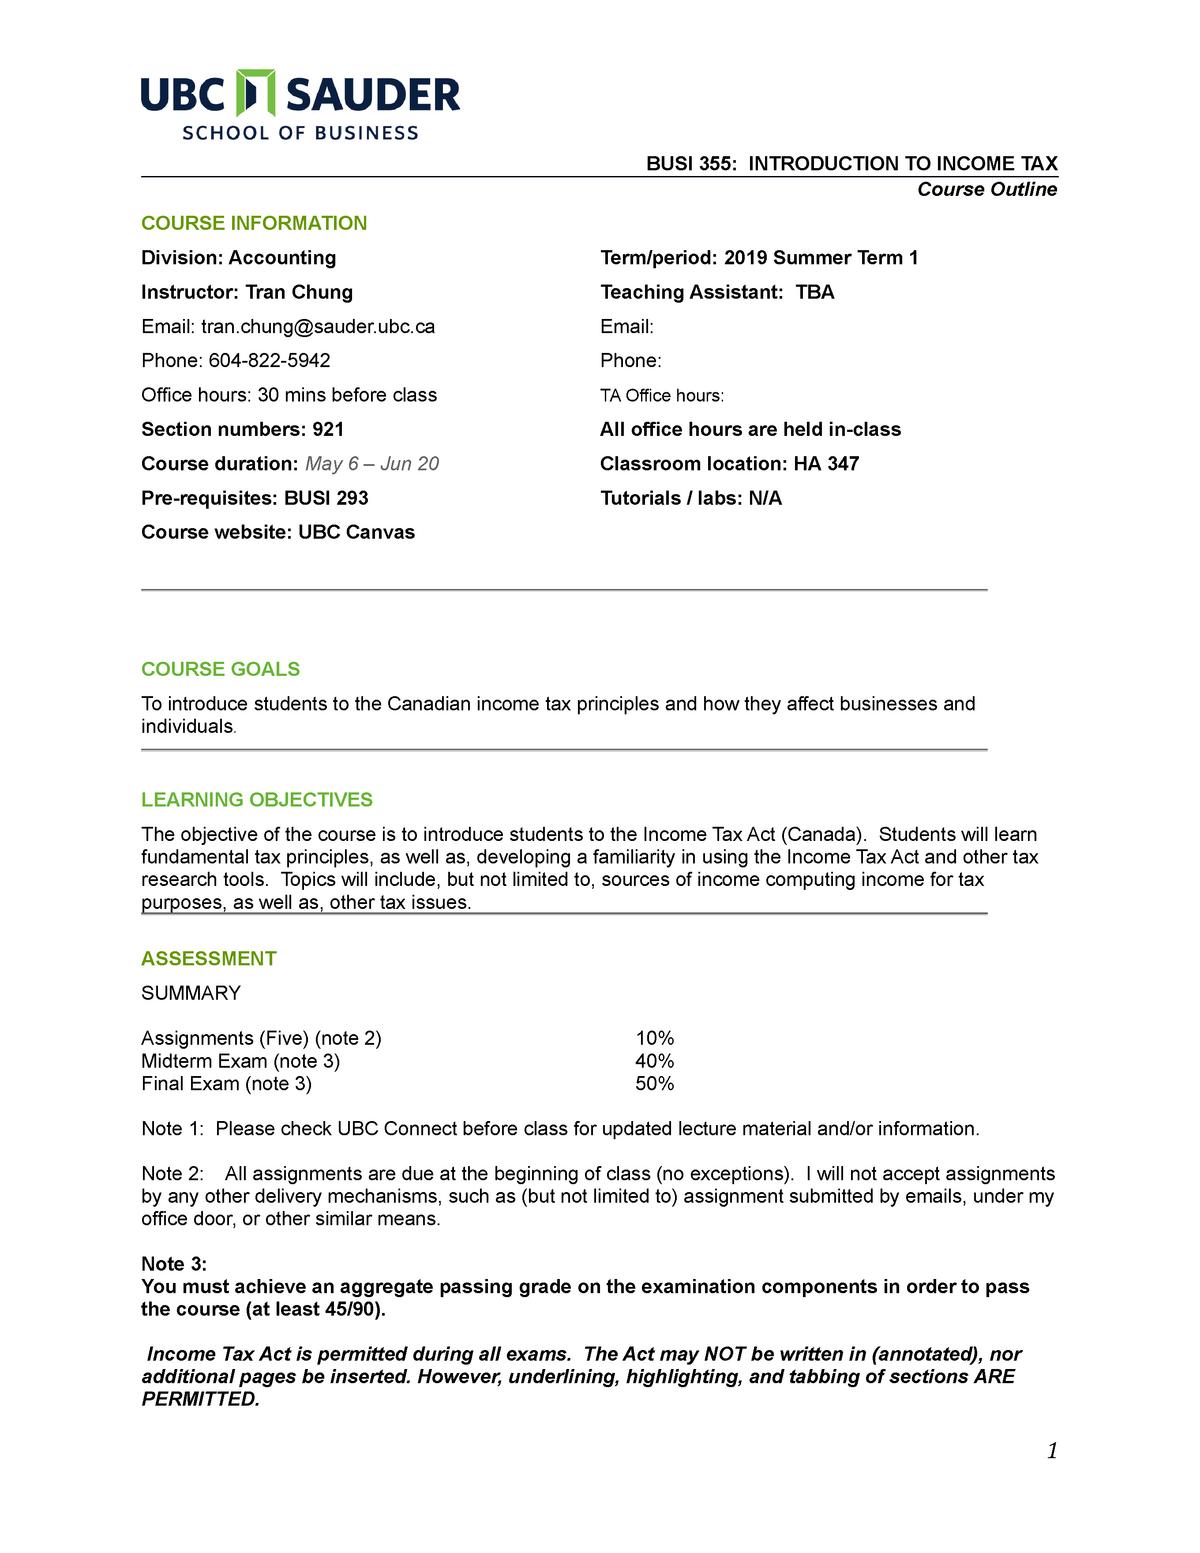 BUSI 355 2019 S Course Outline - BUSI 293 - UBC - StuDocu